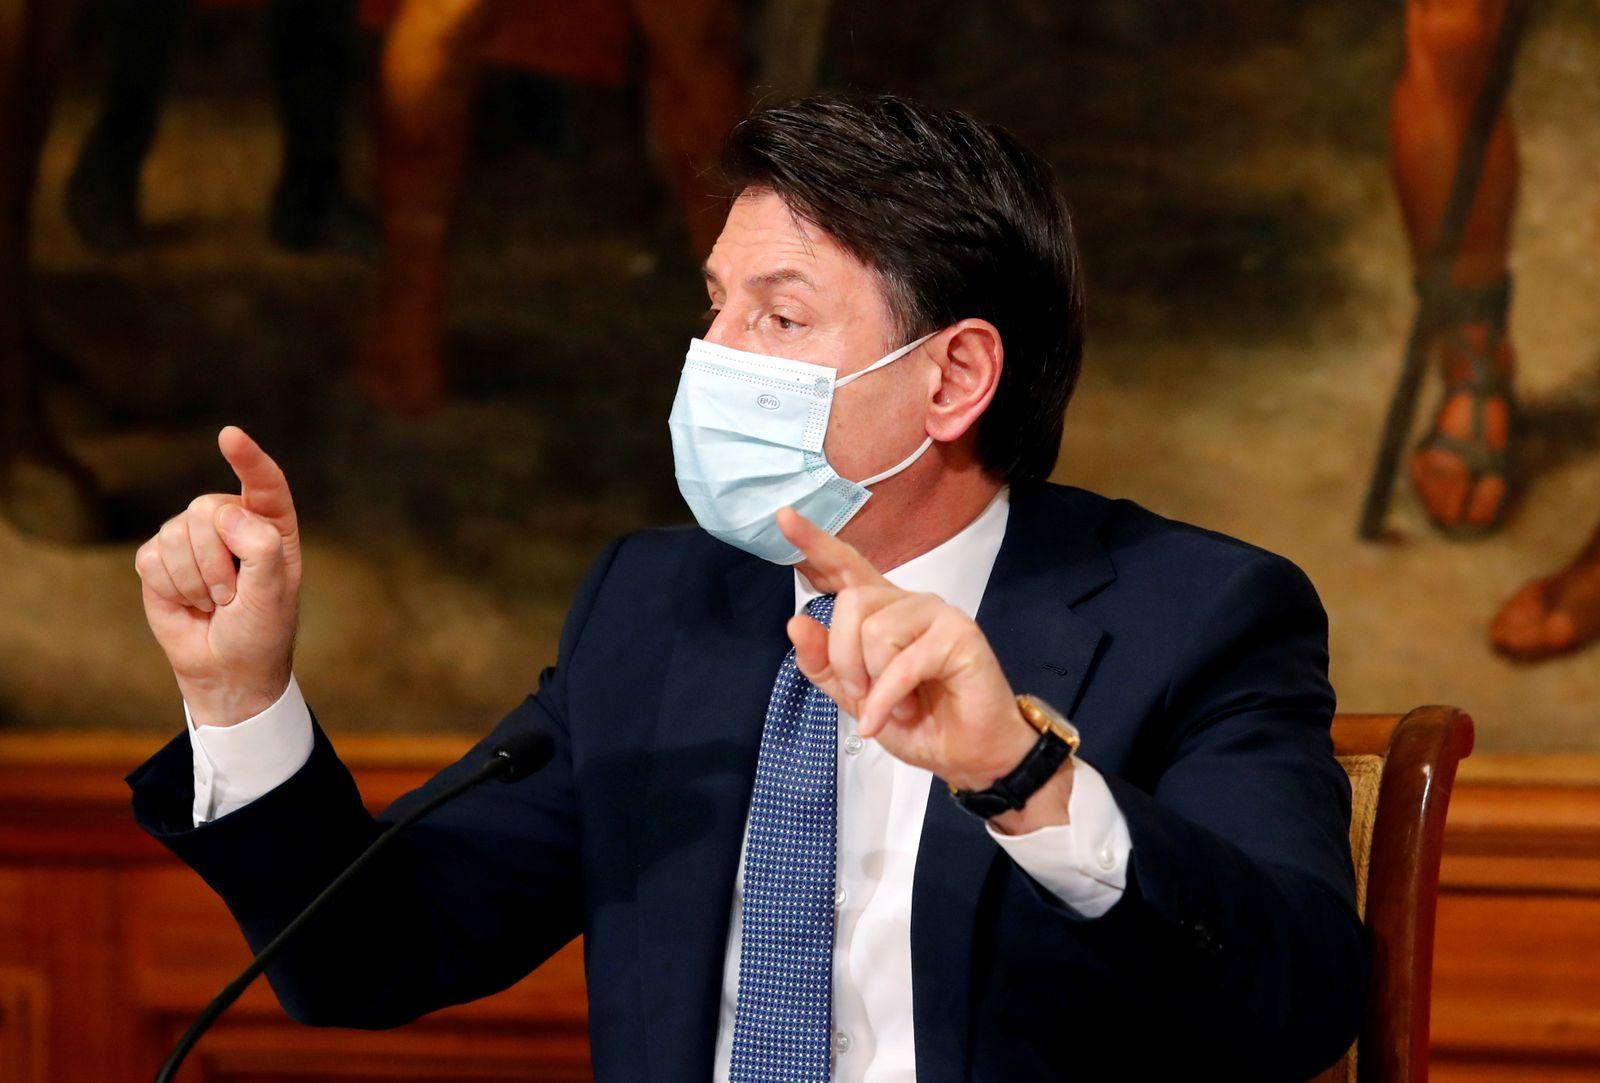 FILE PHOTO: Italian Prime Minister Giuseppe Conte